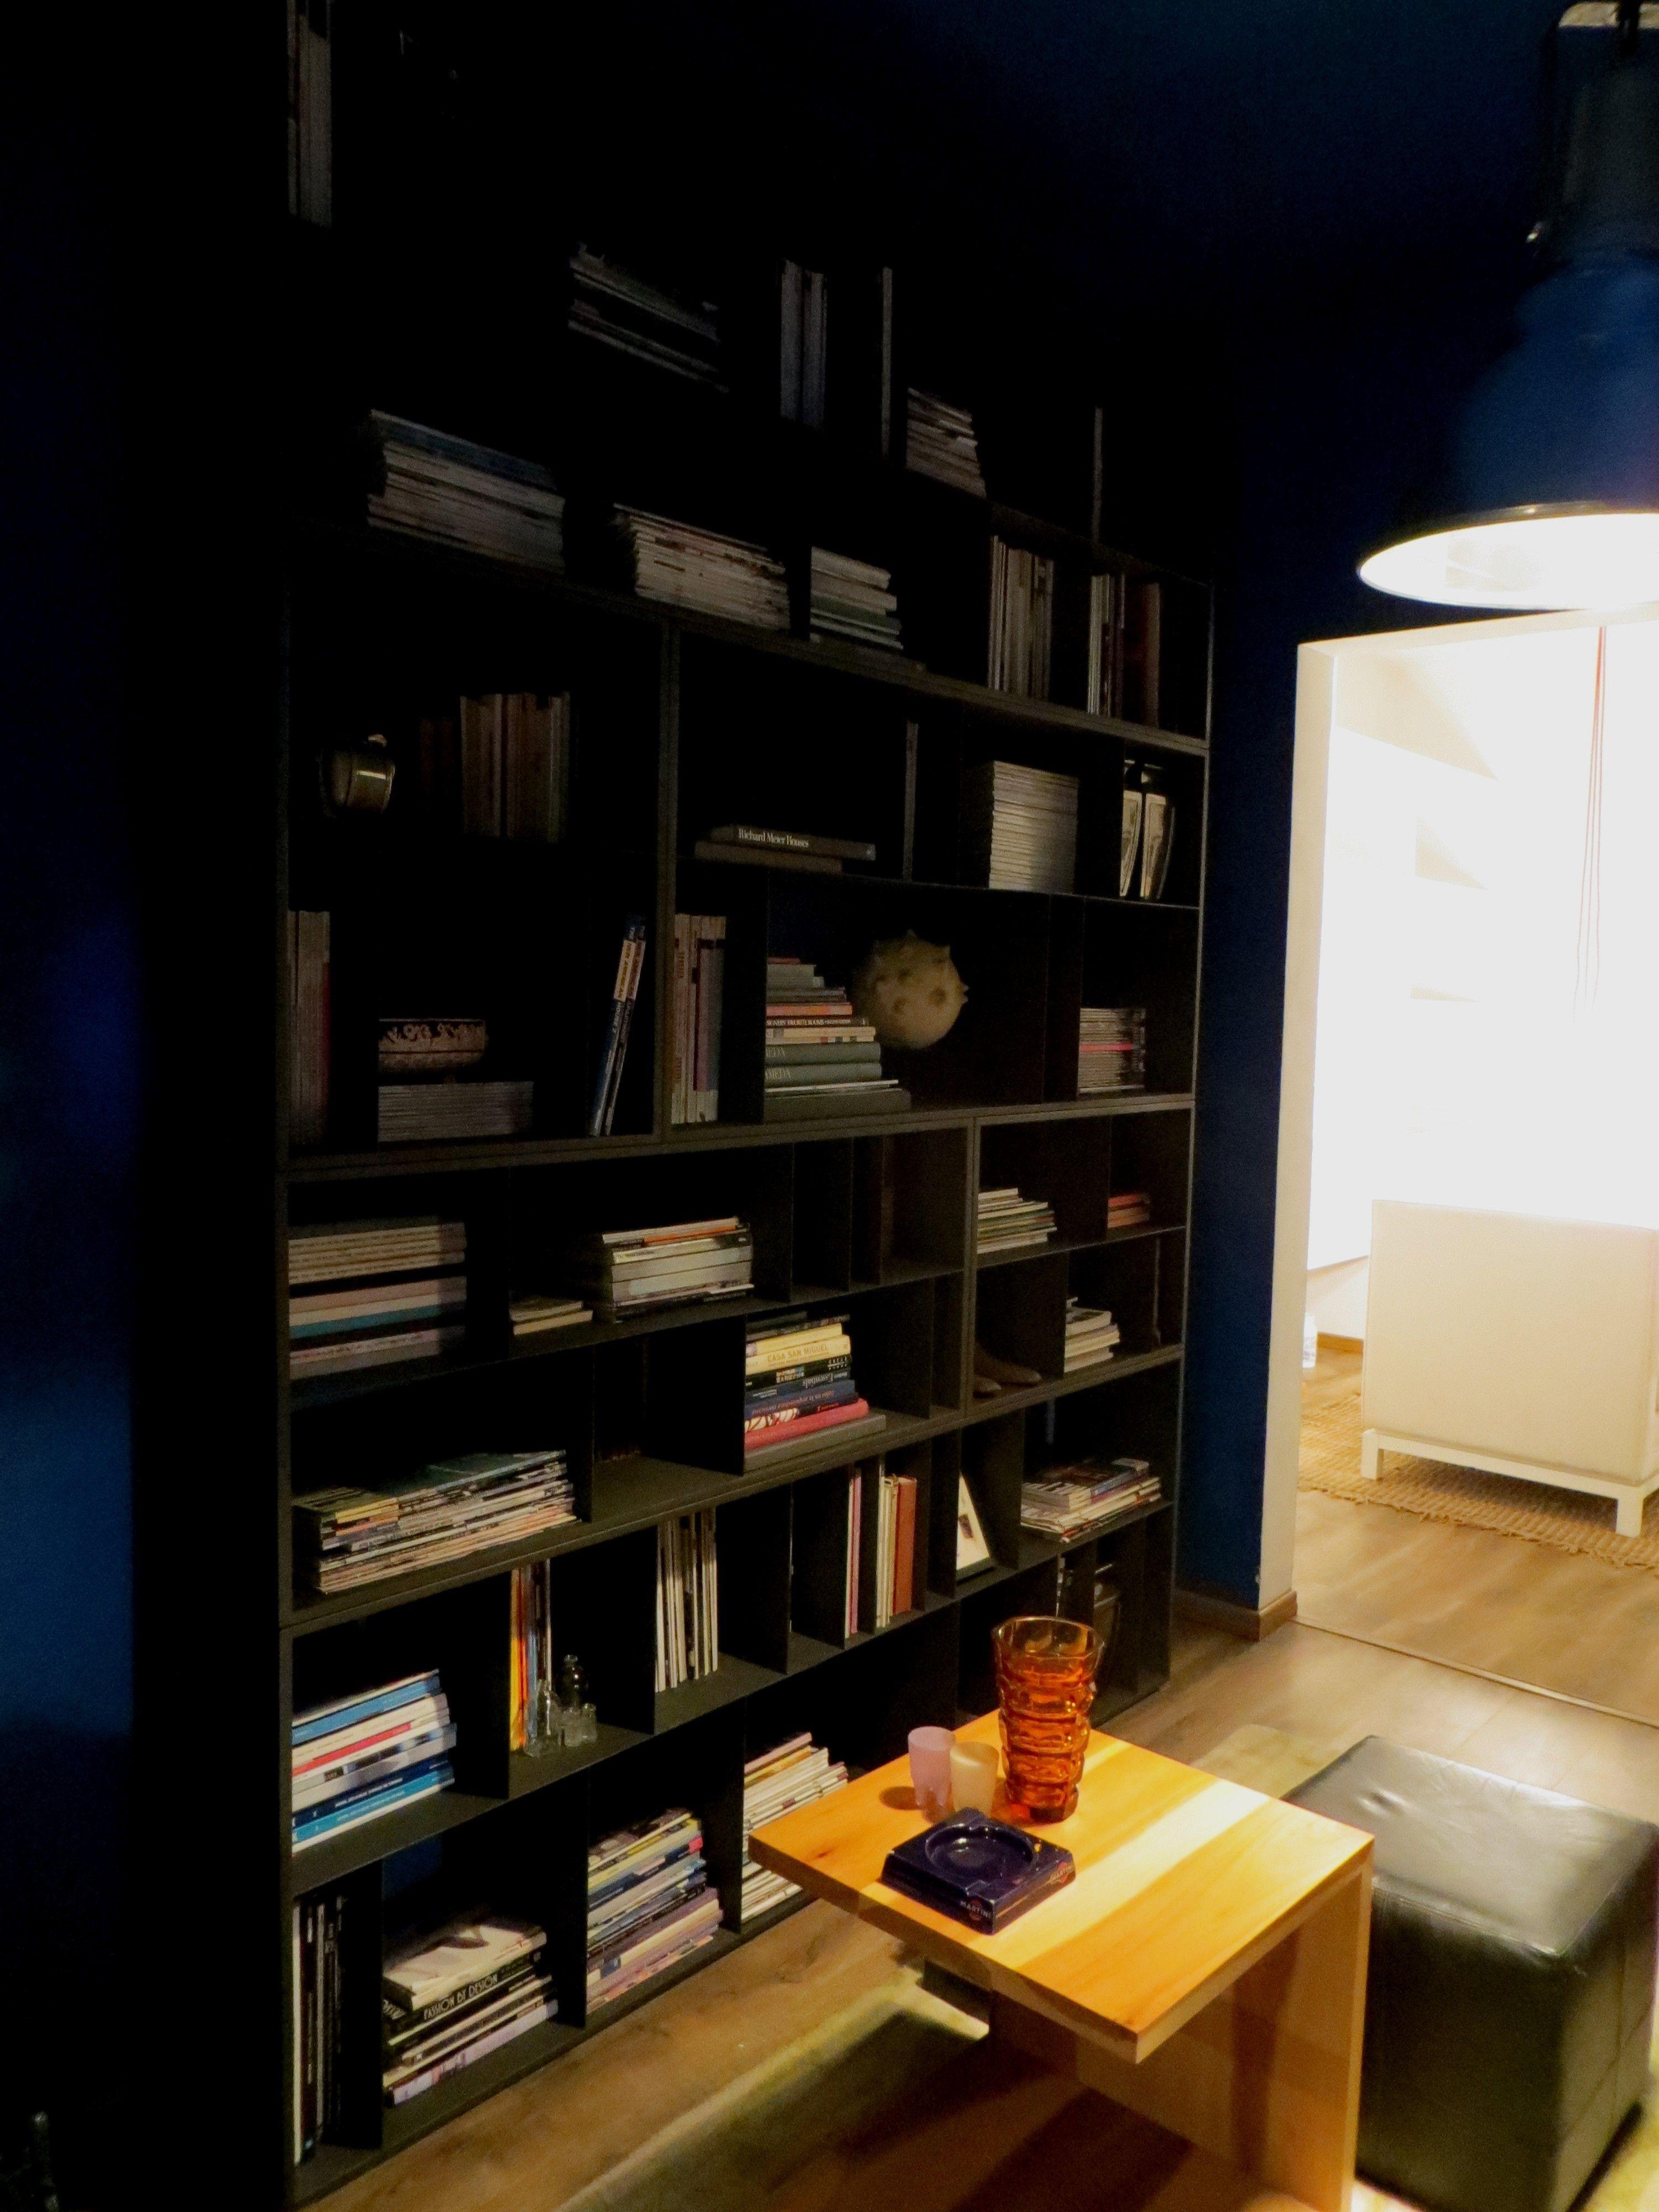 Librero modular jupiter acero poltrona 14 oto o - Acero modular precios ...